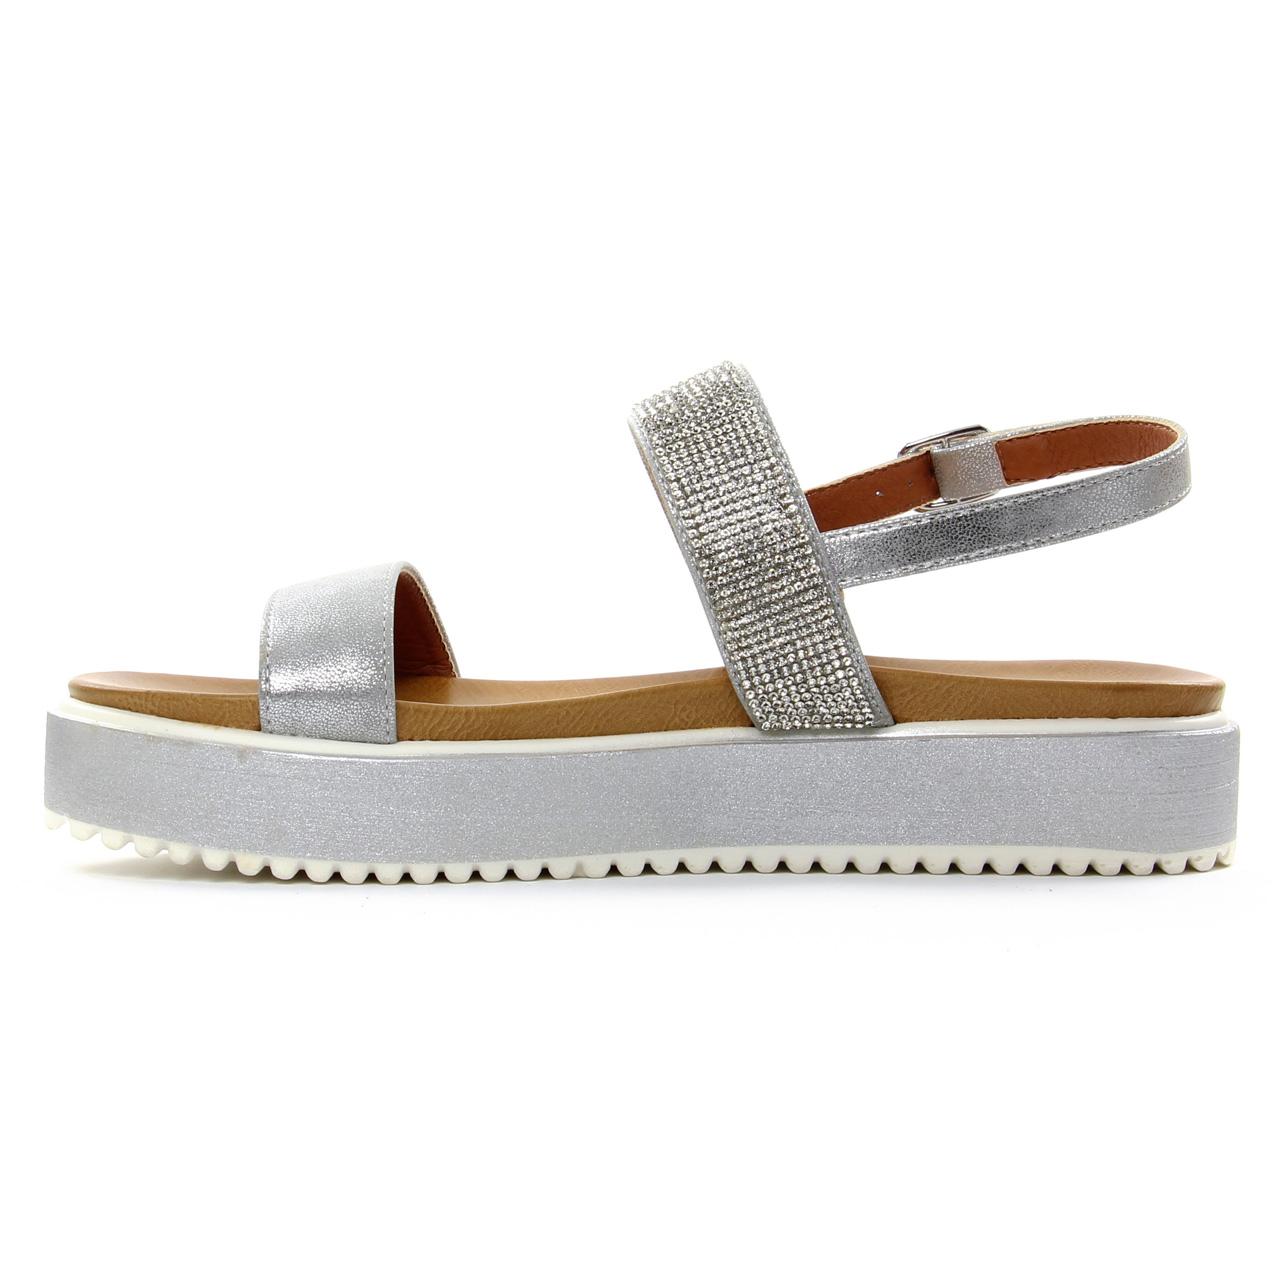 ecd519905a7 sandales compensées gris argent mode femme printemps été vue 3